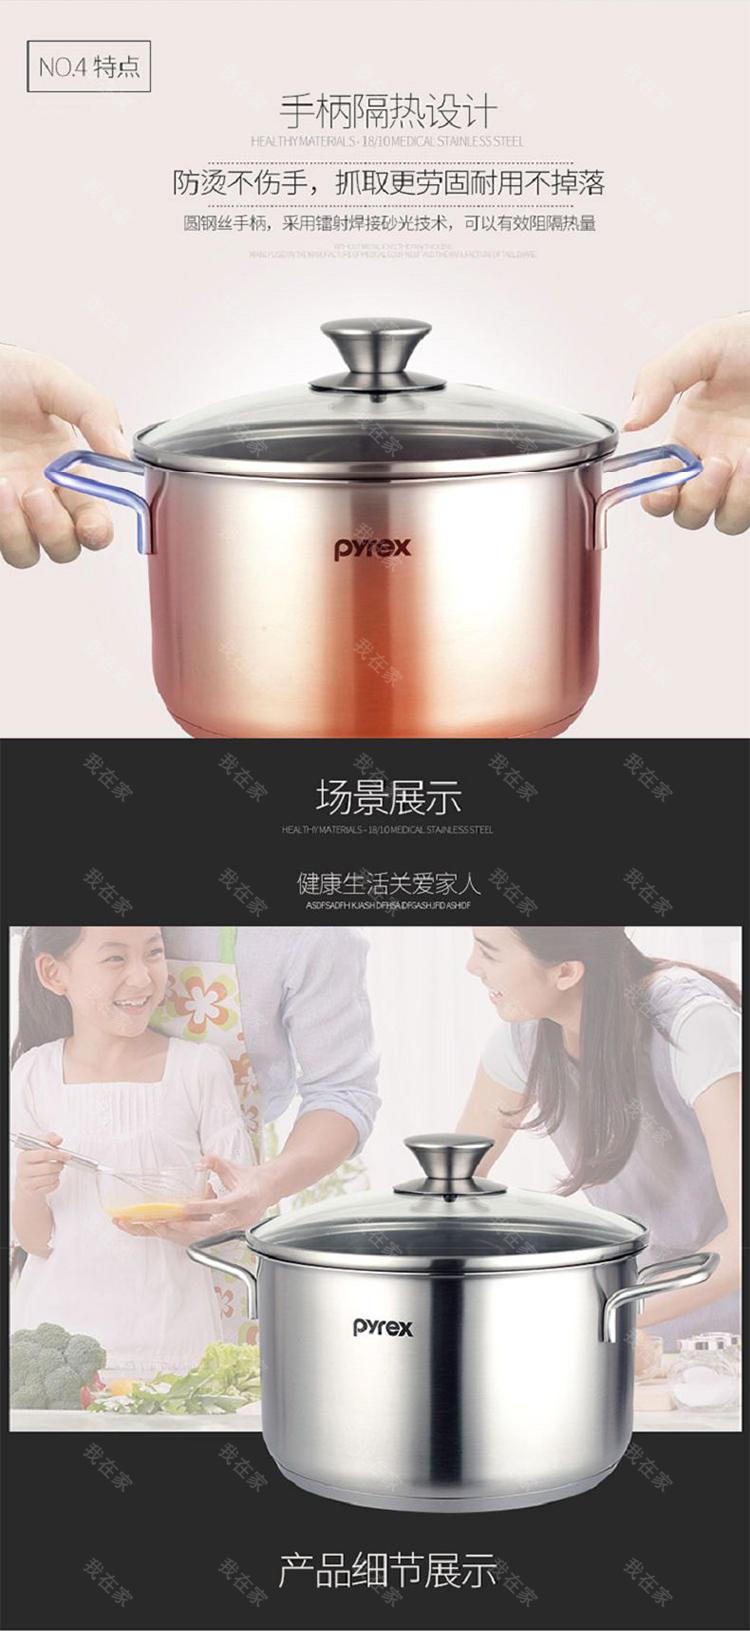 康宁餐具品牌康宁不锈钢汤锅炖锅的详细介绍